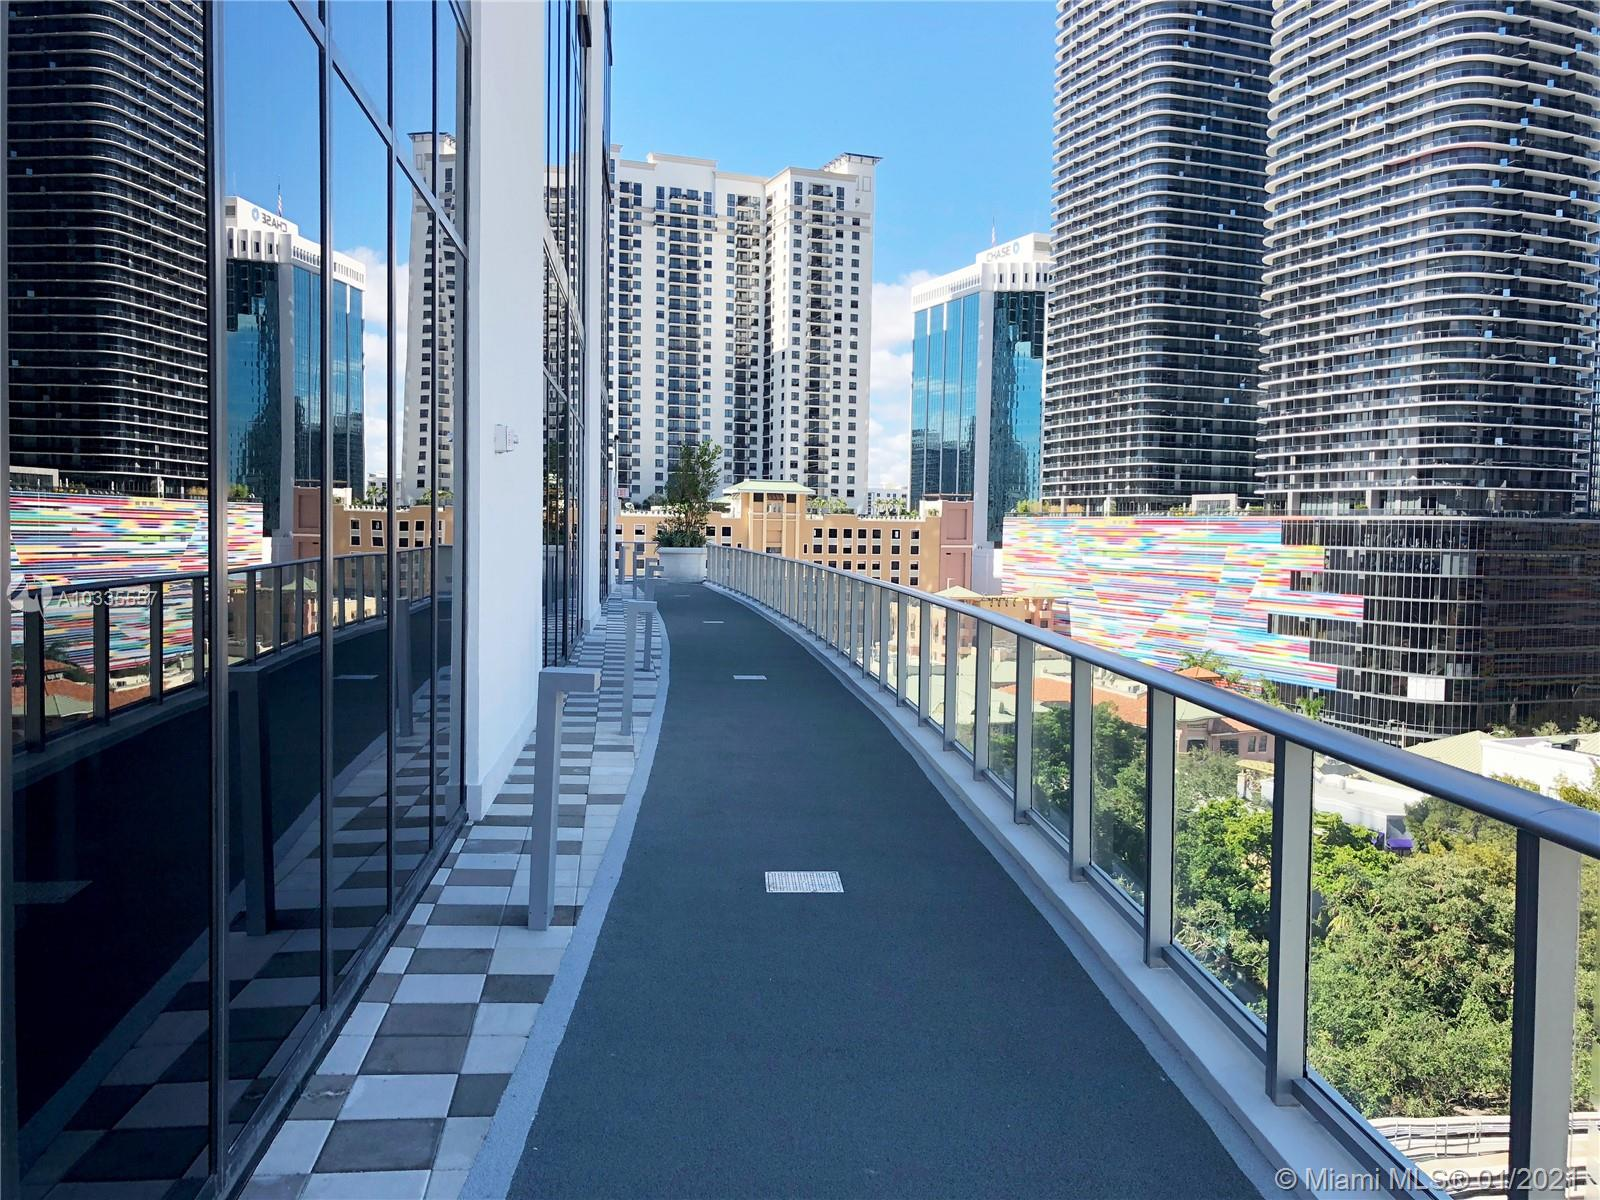 1010 Brickell Avenue, Miami, FL 33131, 1010 Brickell #4608, Brickell, Miami A10335557 image #24